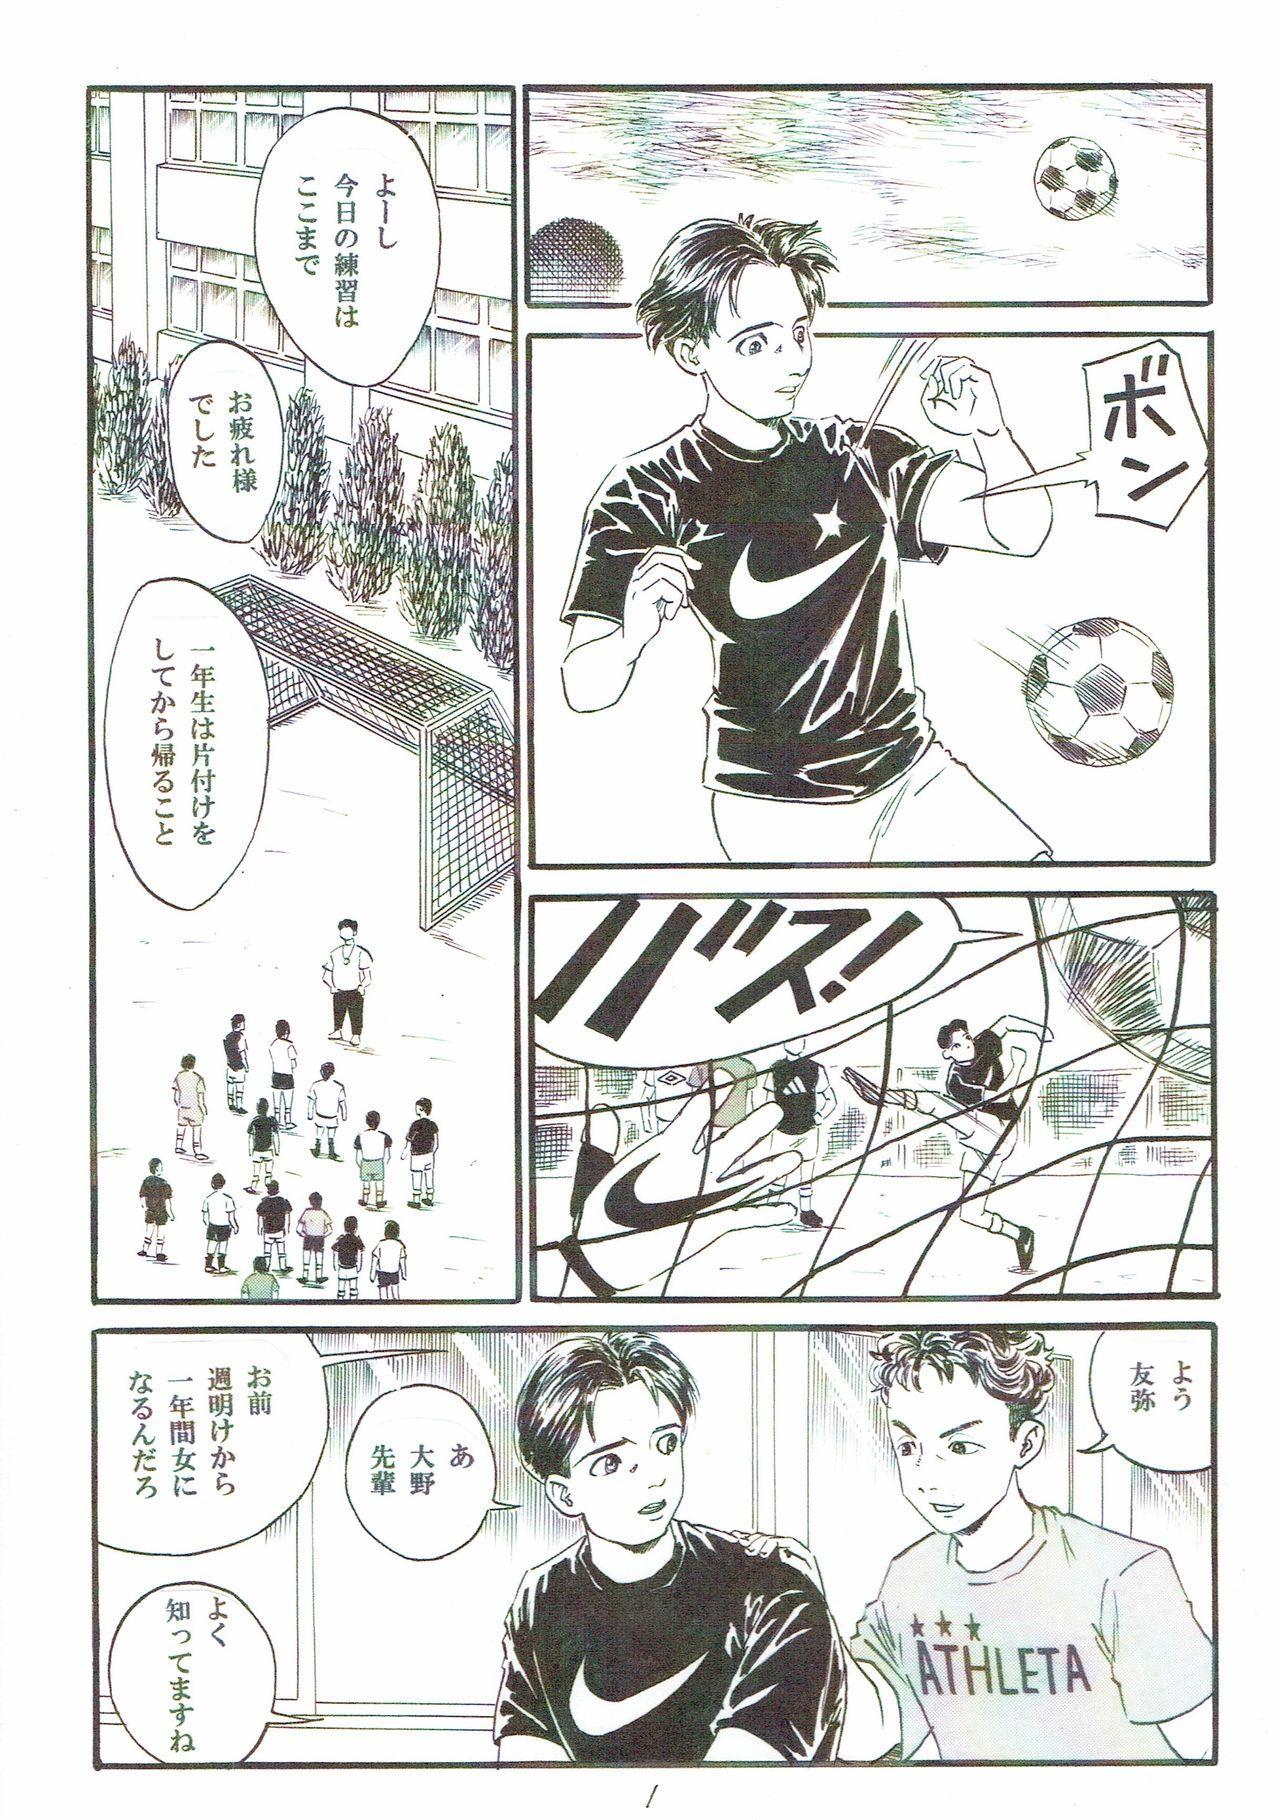 Atarashii Seikyouiku5 1